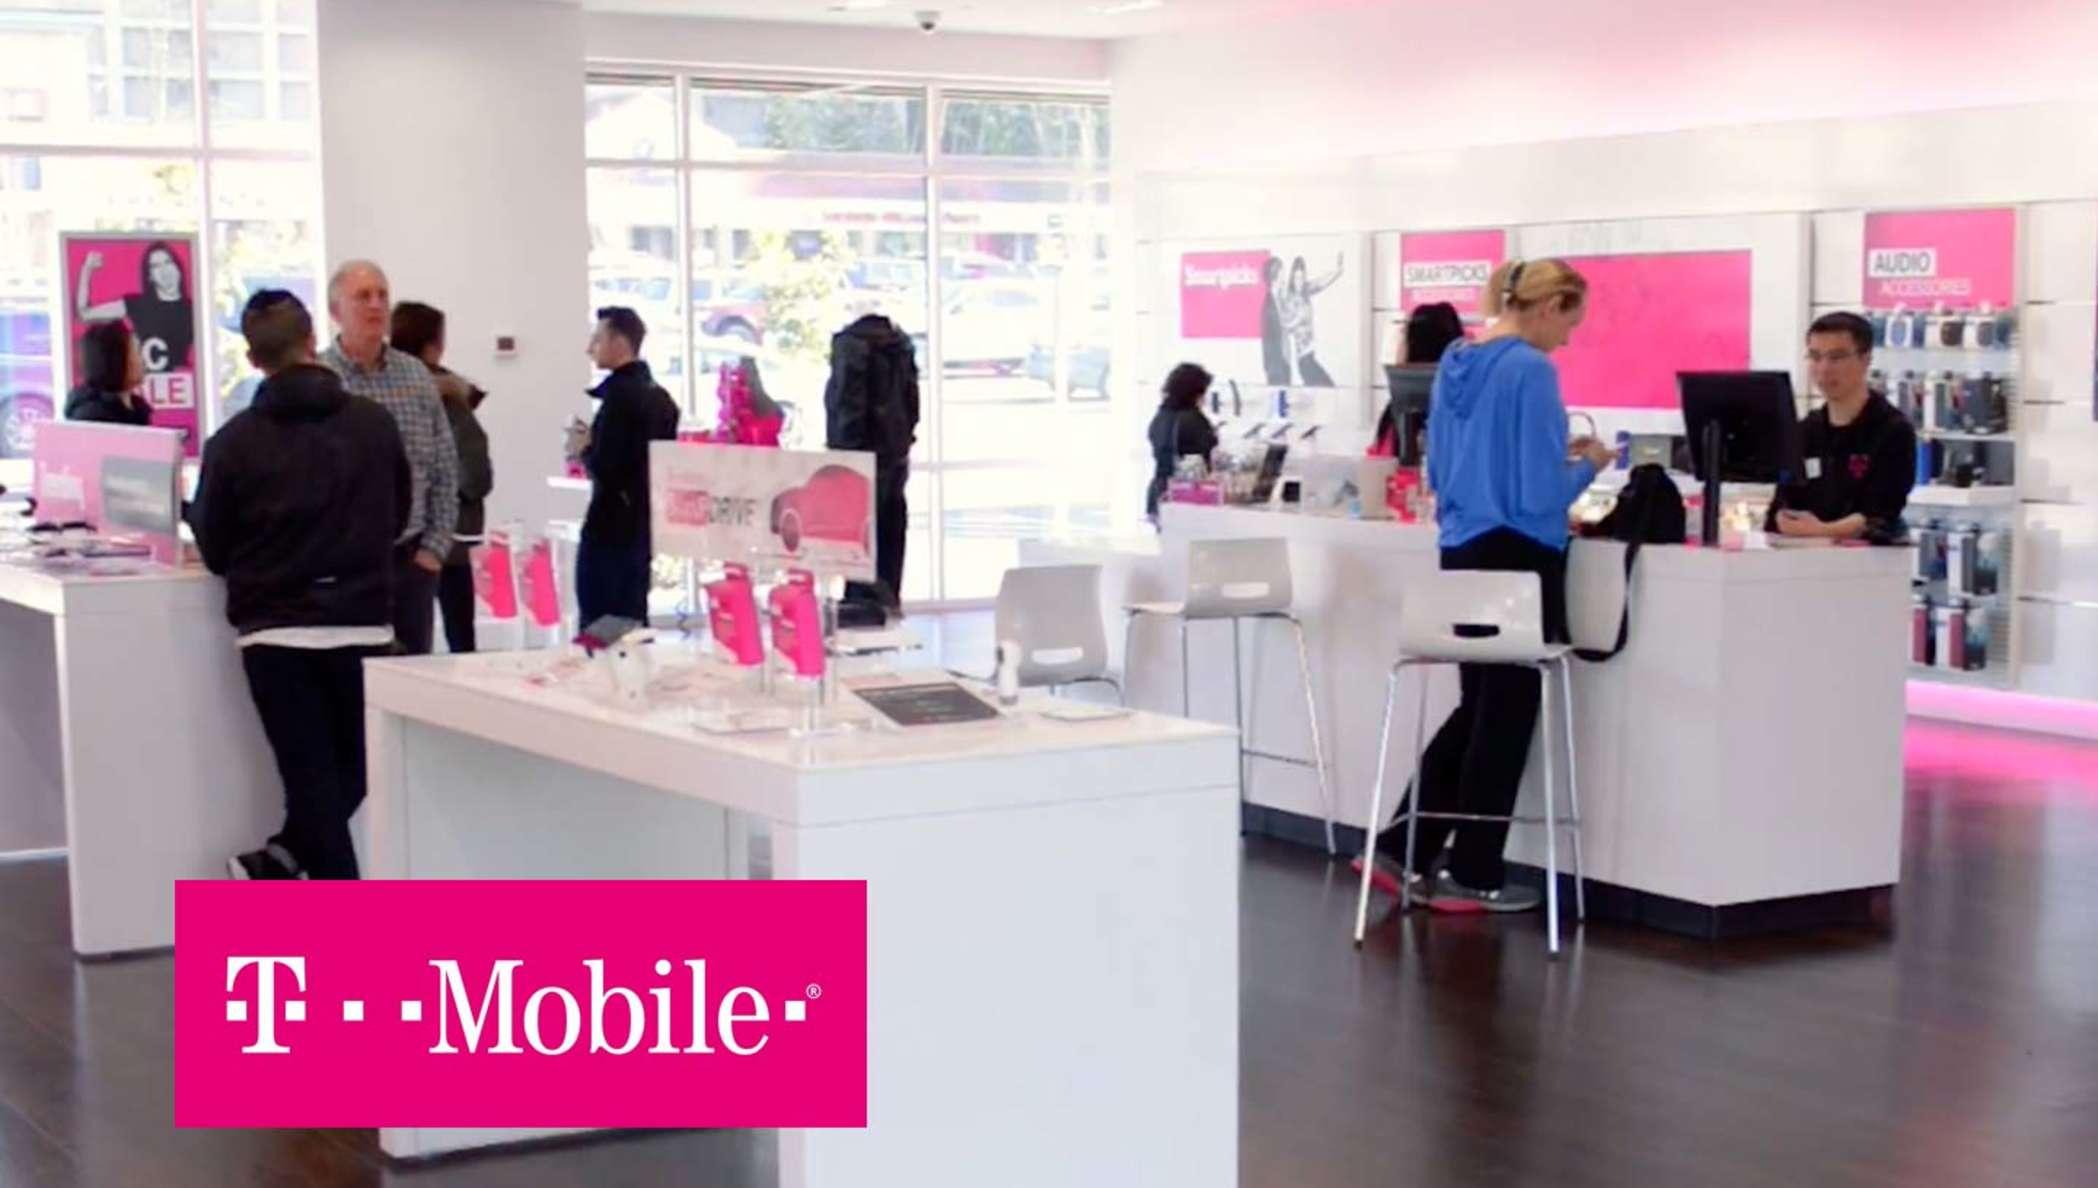 Tienda de T-Mobile con empleados que ayudan a sus clientes.